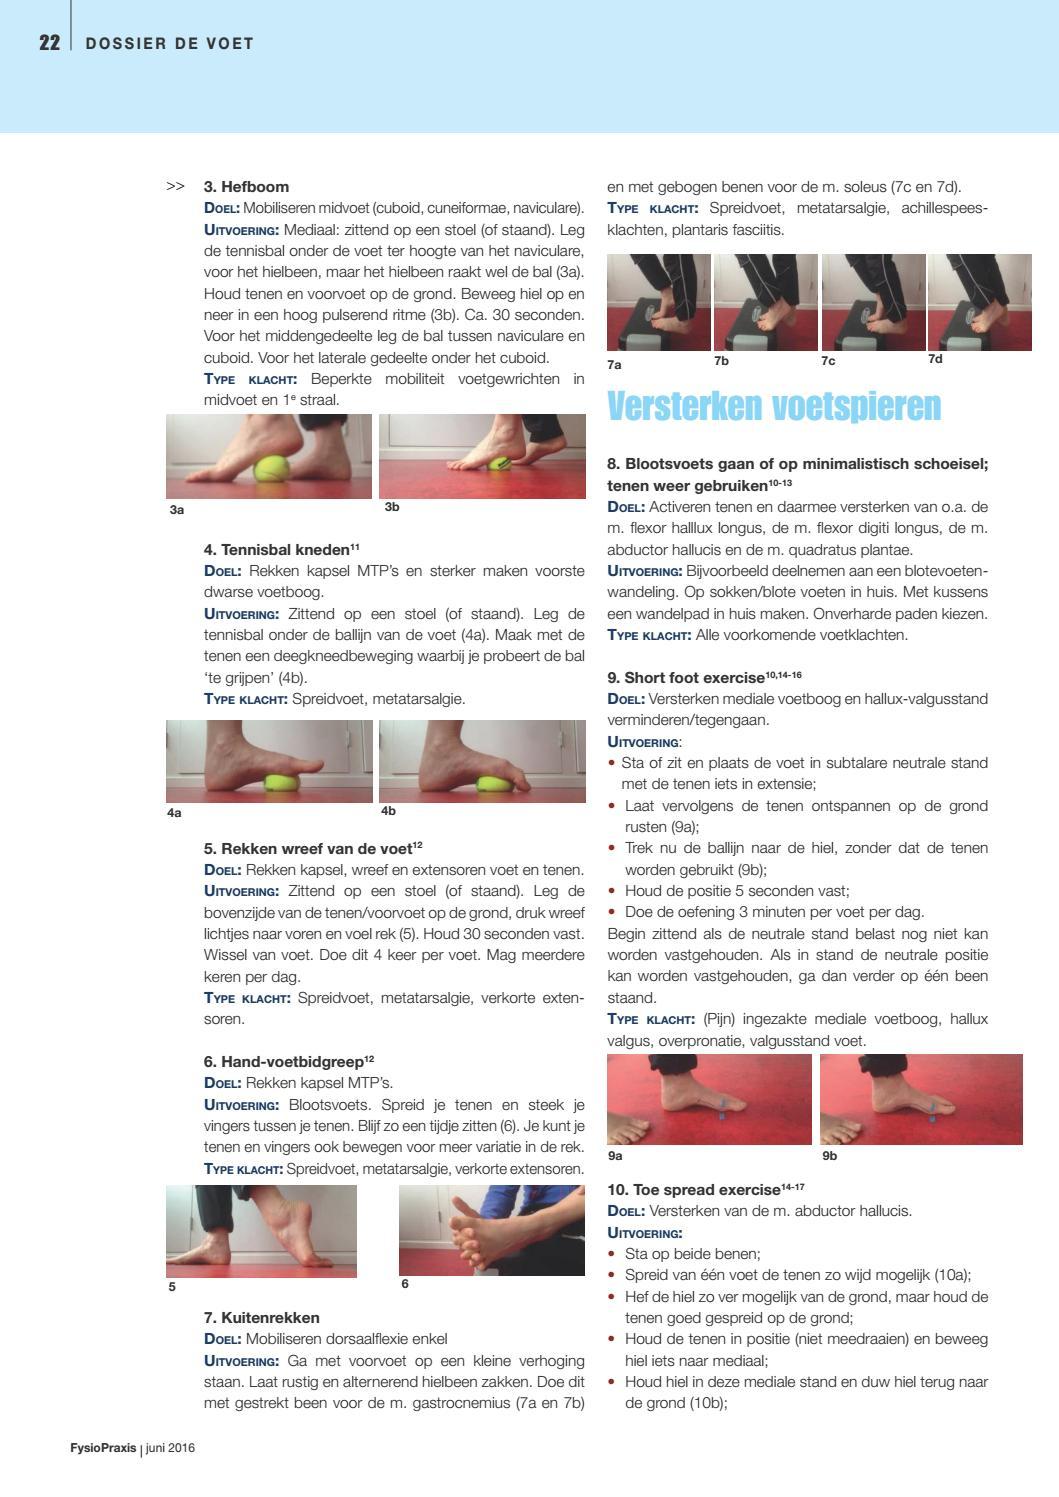 FysioPraxis juni 2016 by KNGF de Fysiotherapeut - issuu